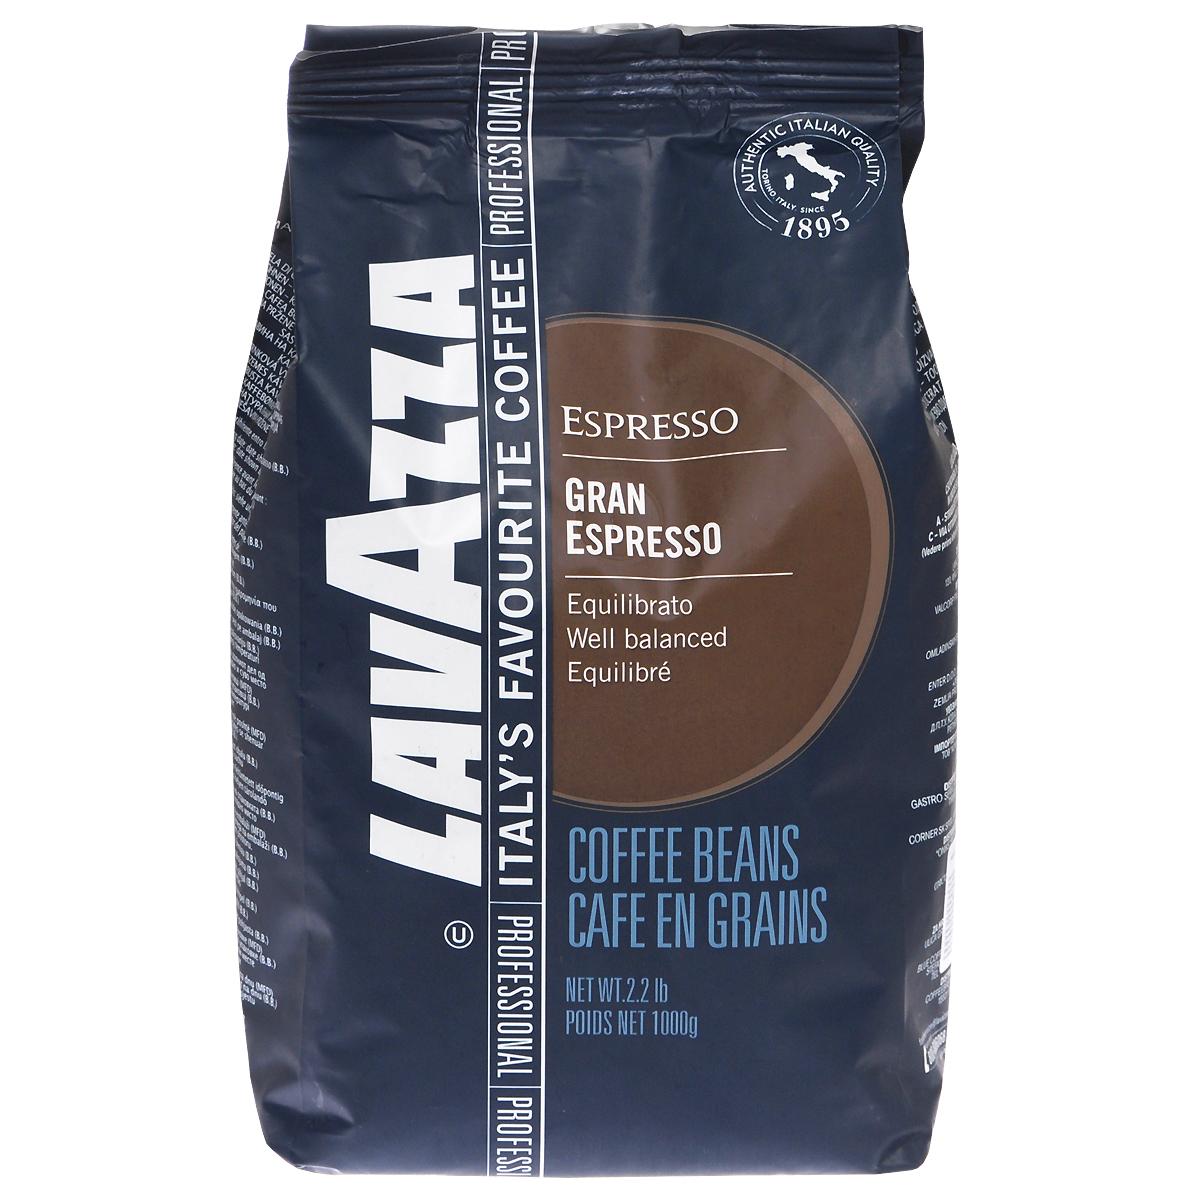 Lavazza Gran Espresso кофе в зернах, 1 кг кофе в зернах lavazza 3590 rossa 1кг